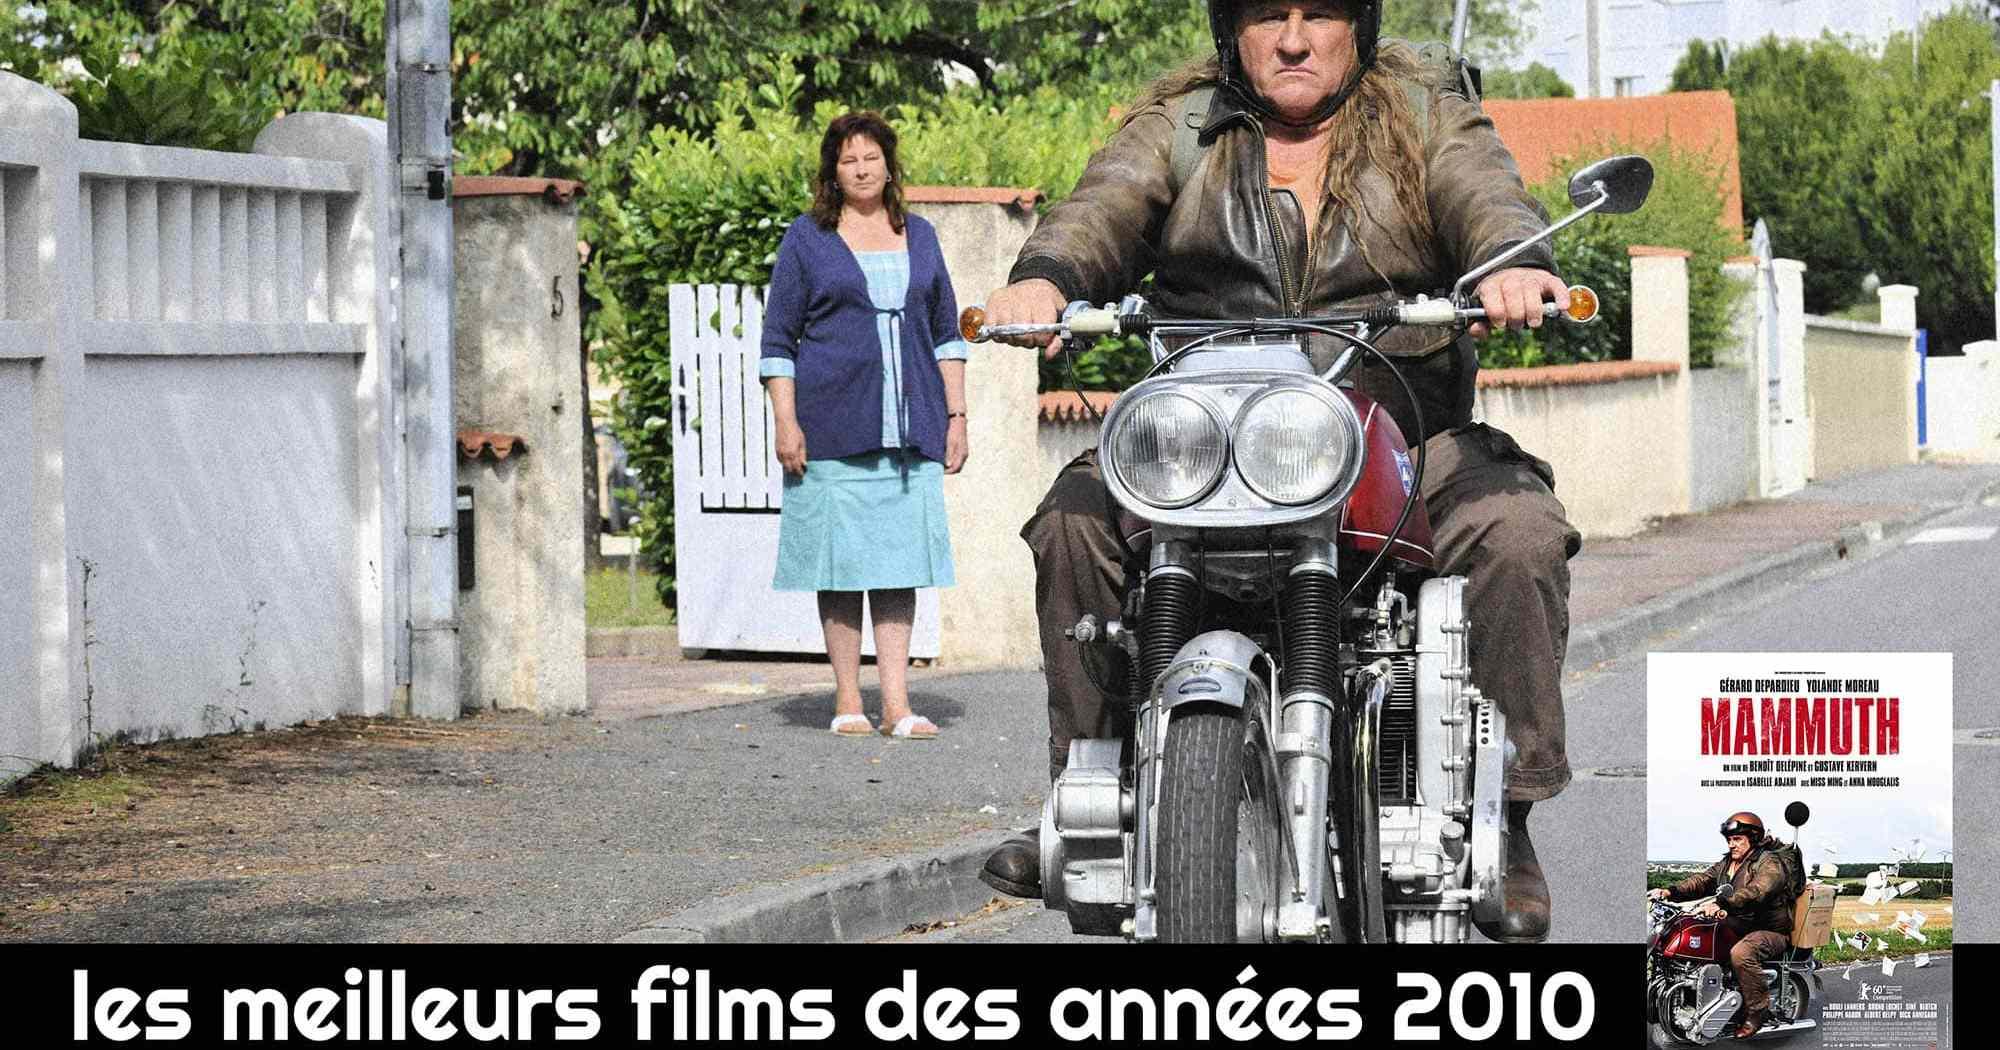 Gérard Depardieu, impérial dans Mammuth